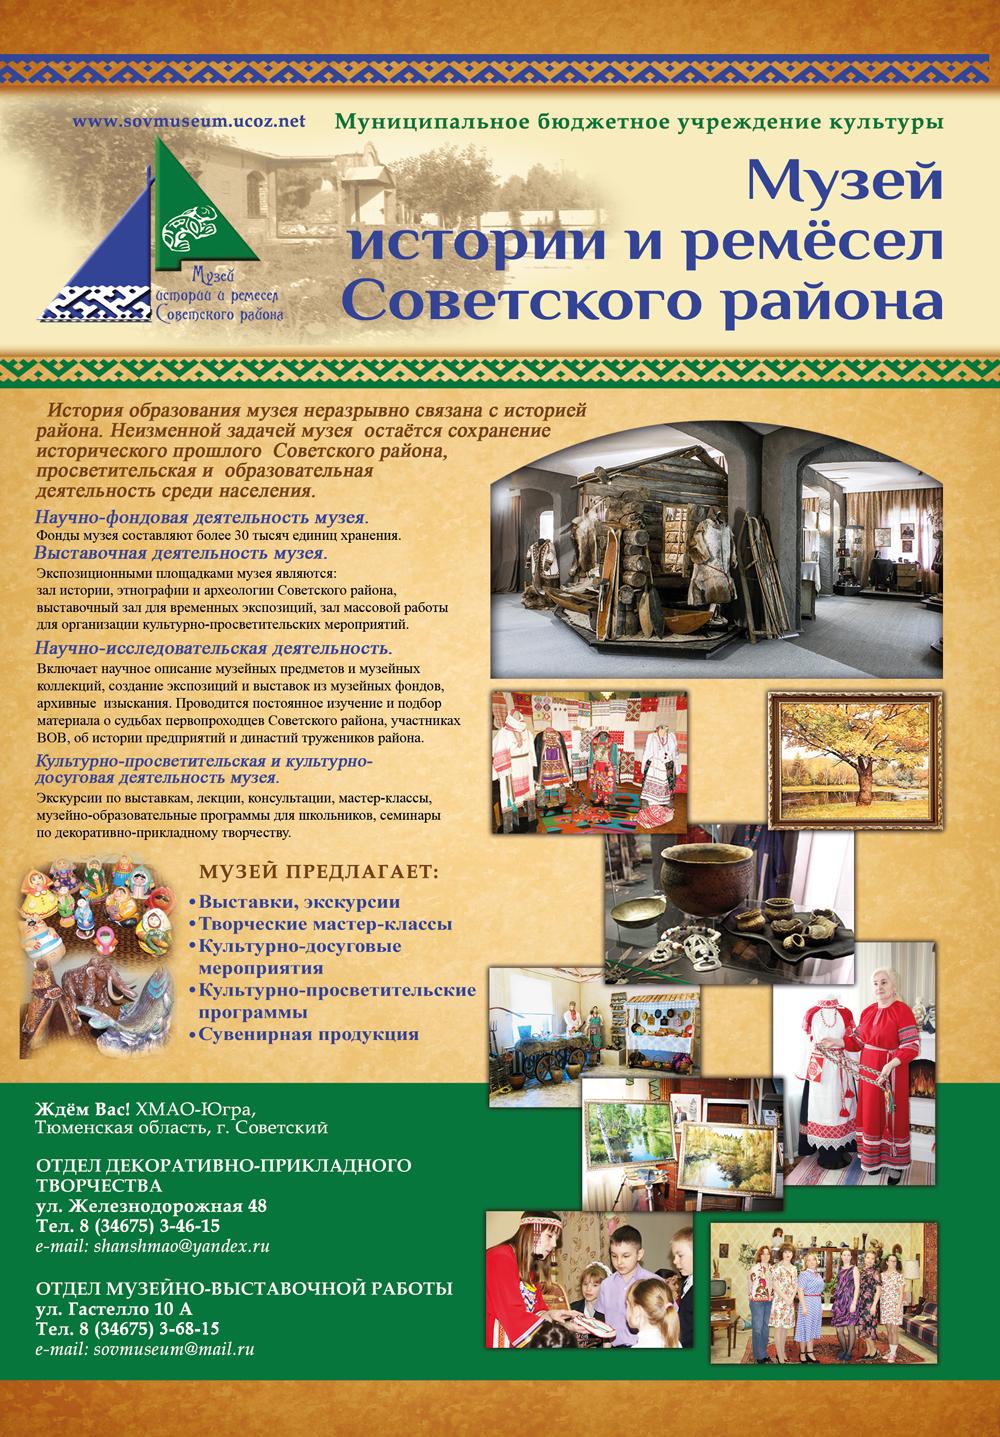 Музей истории и ремесел Советского района